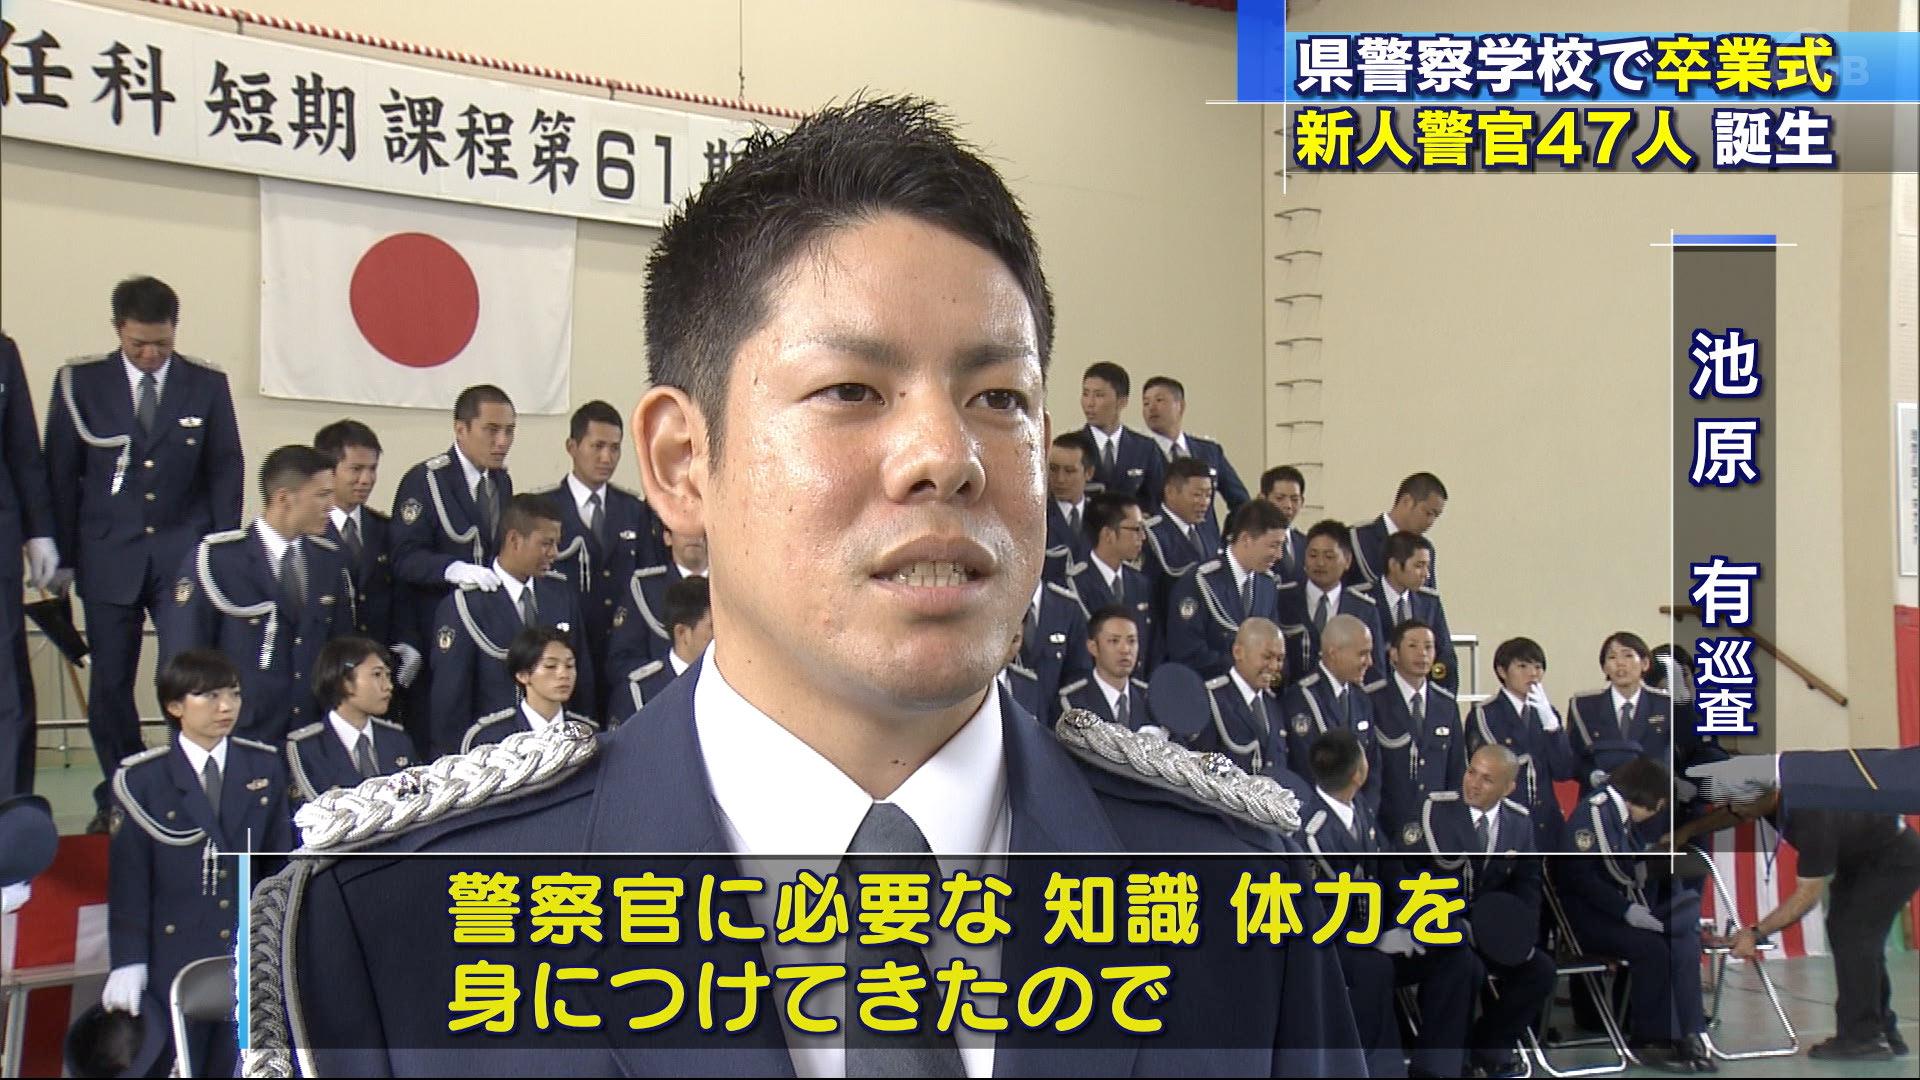 県警察学校卒業式 47人卒業